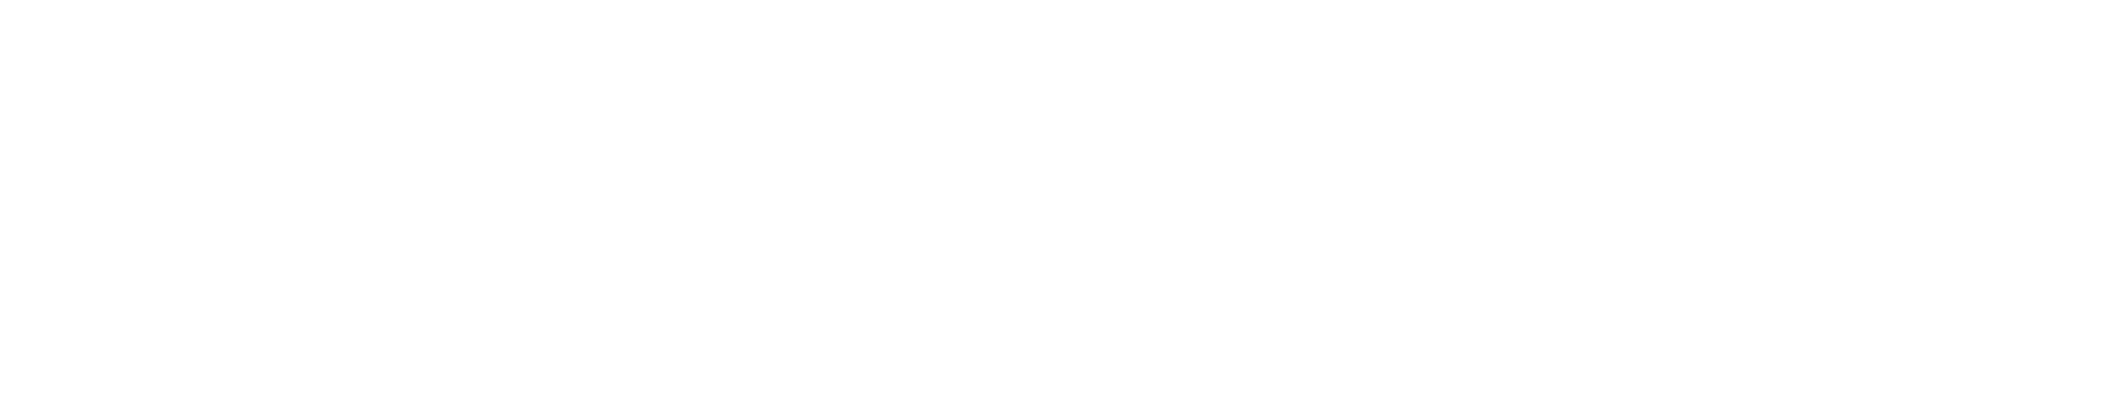 serveur-ipbx-icone